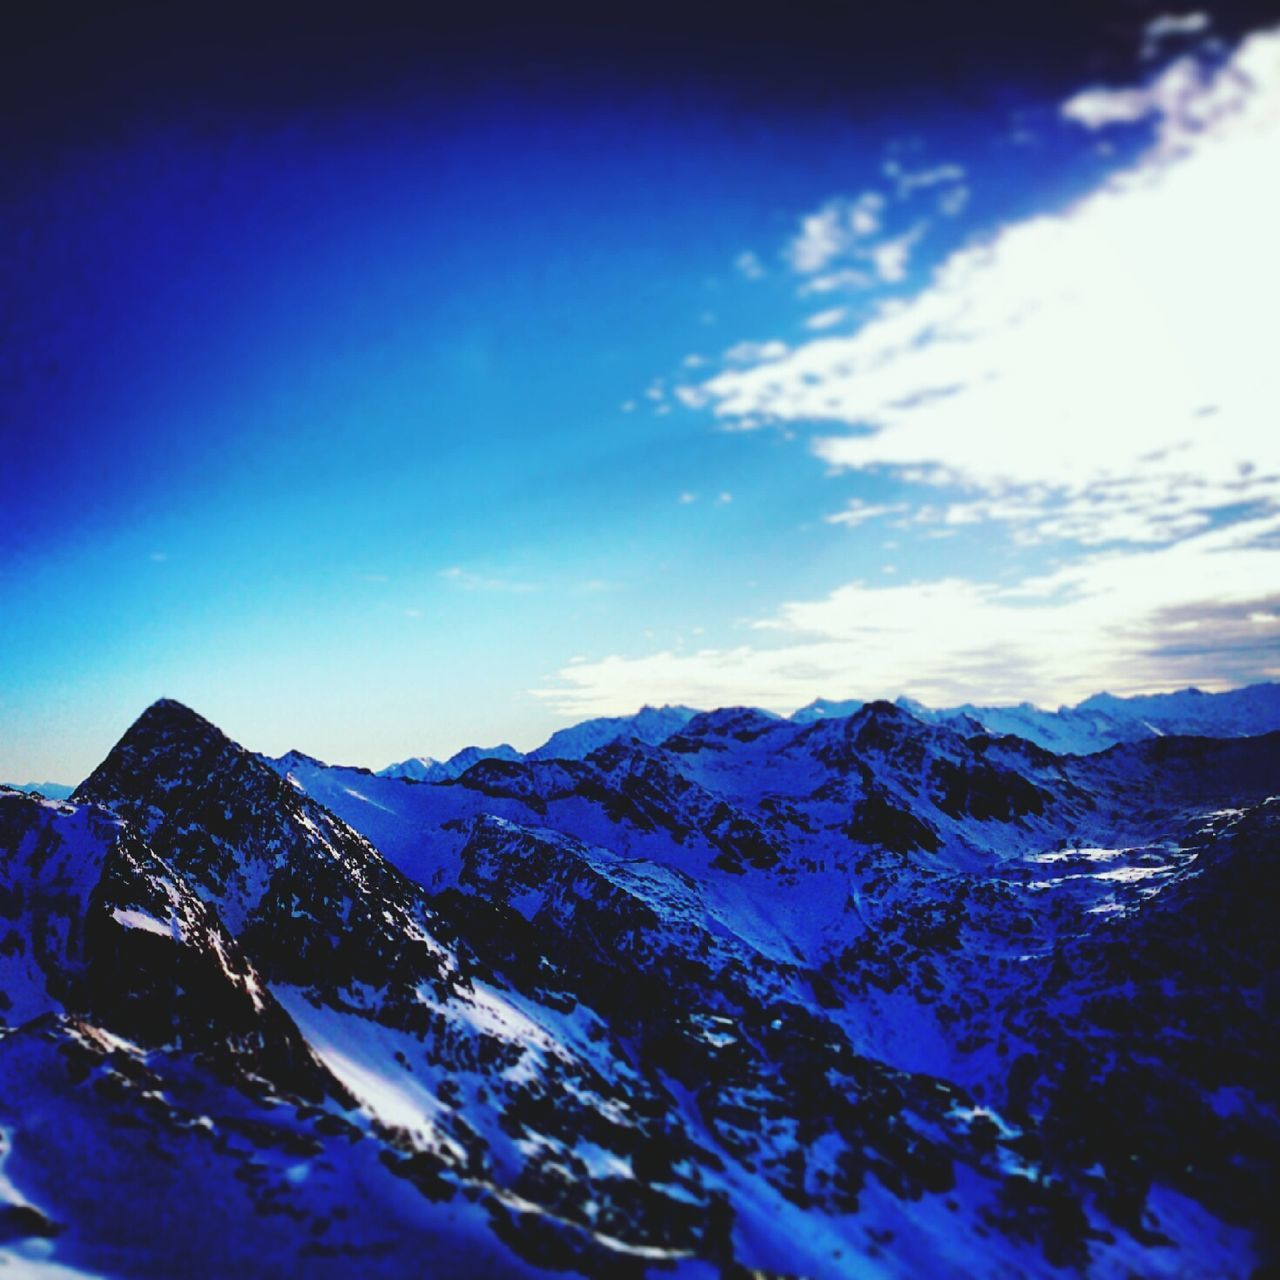 Ontopoftheworld Topoftherock Mountains Stubai Glacier